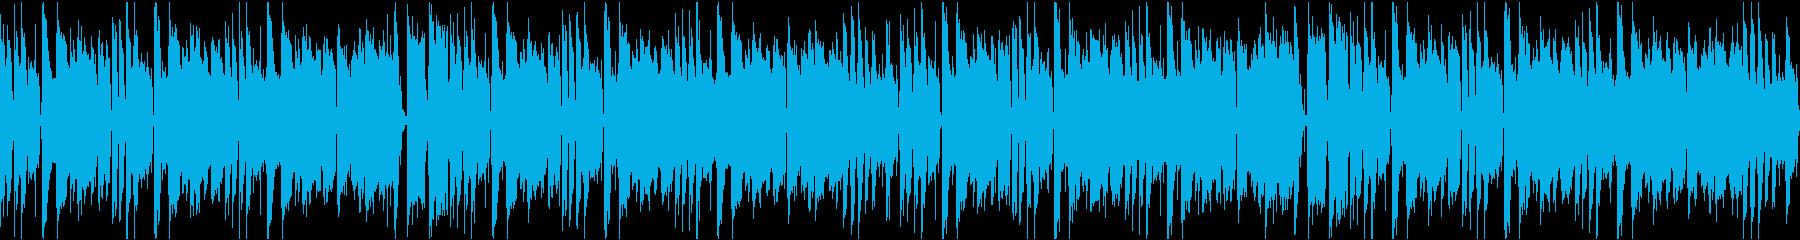 かわいいコミカル/カラオケ/ループの再生済みの波形